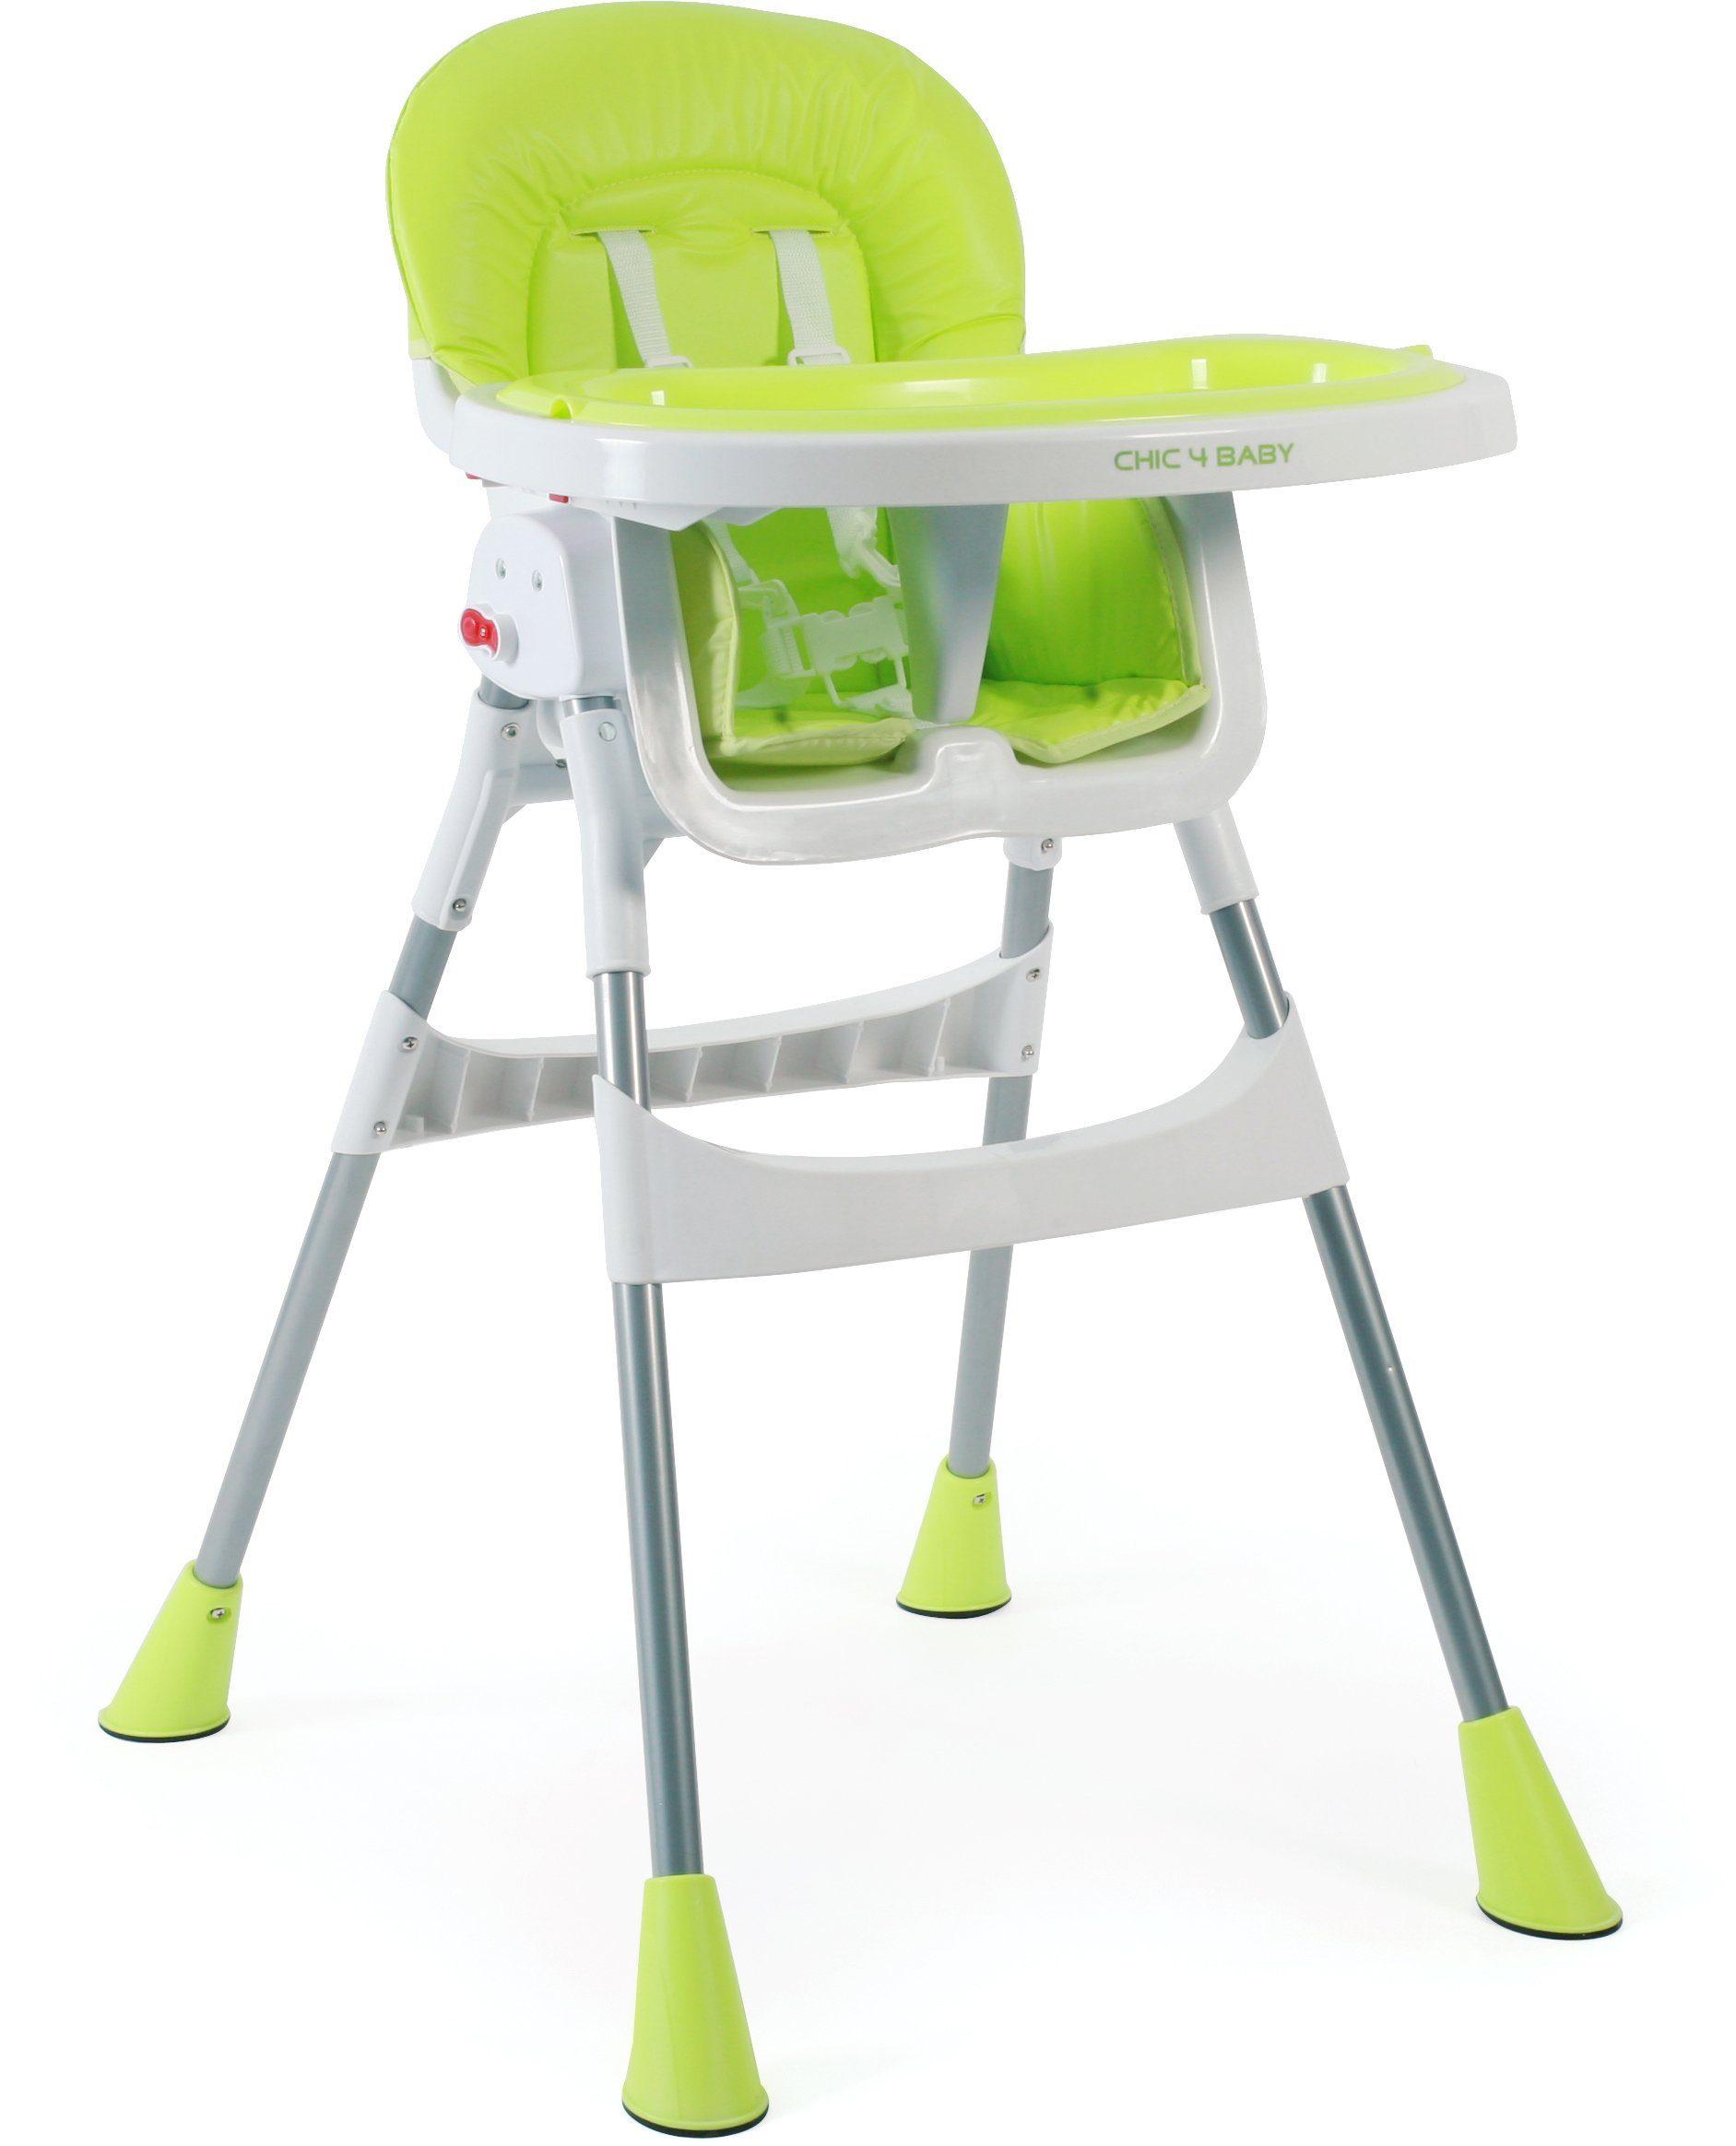 CHIC4BABY Hochstuhl mit verstellbarem Ablagebrett, »Basic lemongreen«